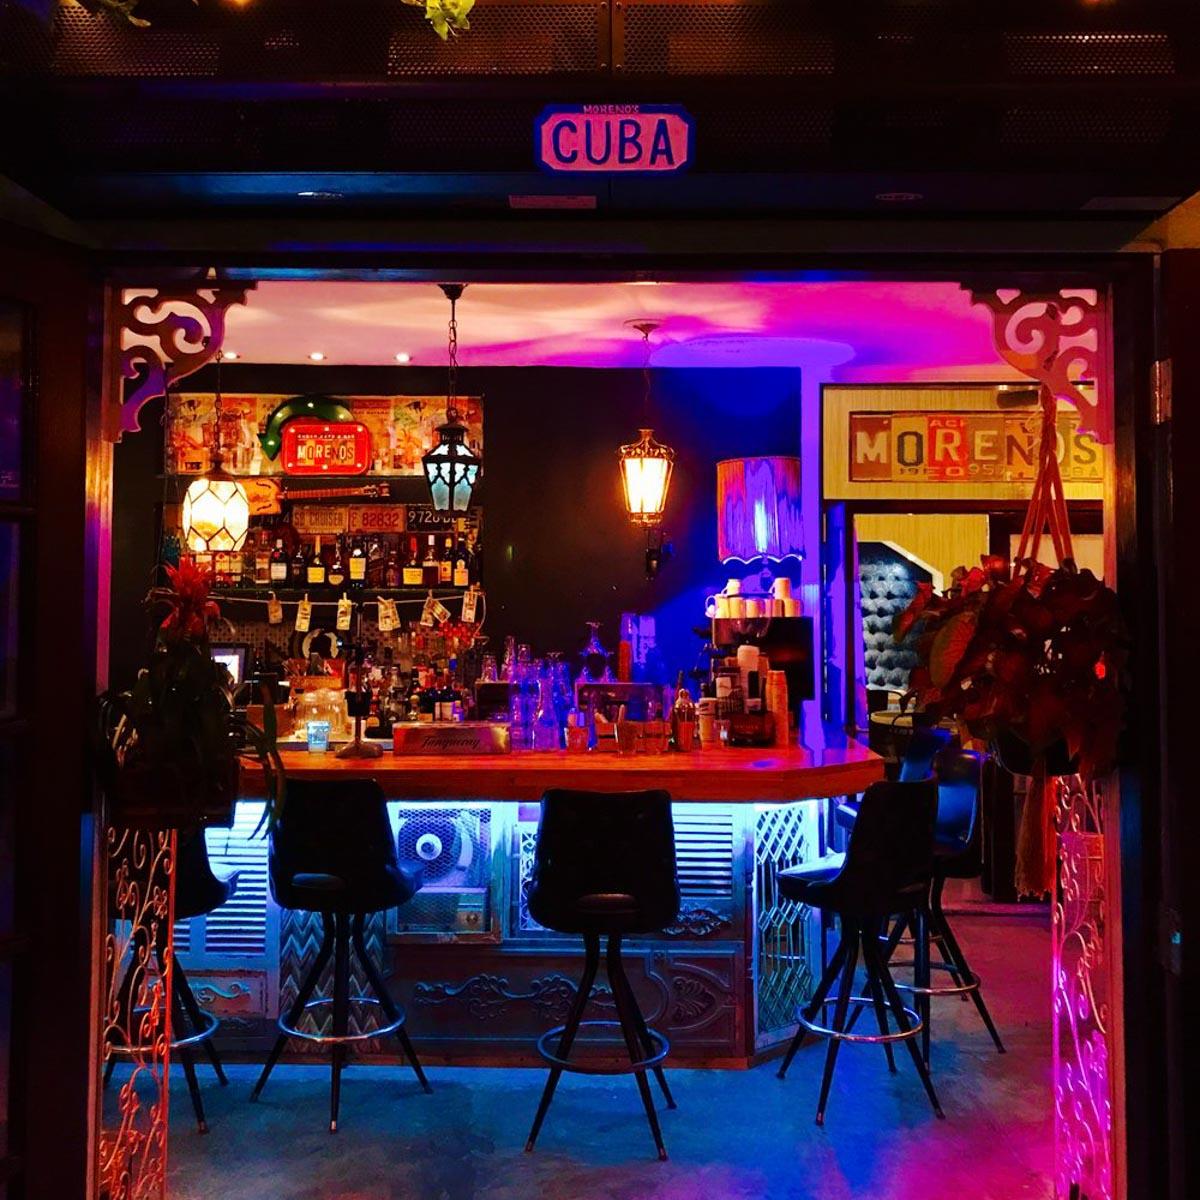 Photographs courtesy of Moreno's Cuba